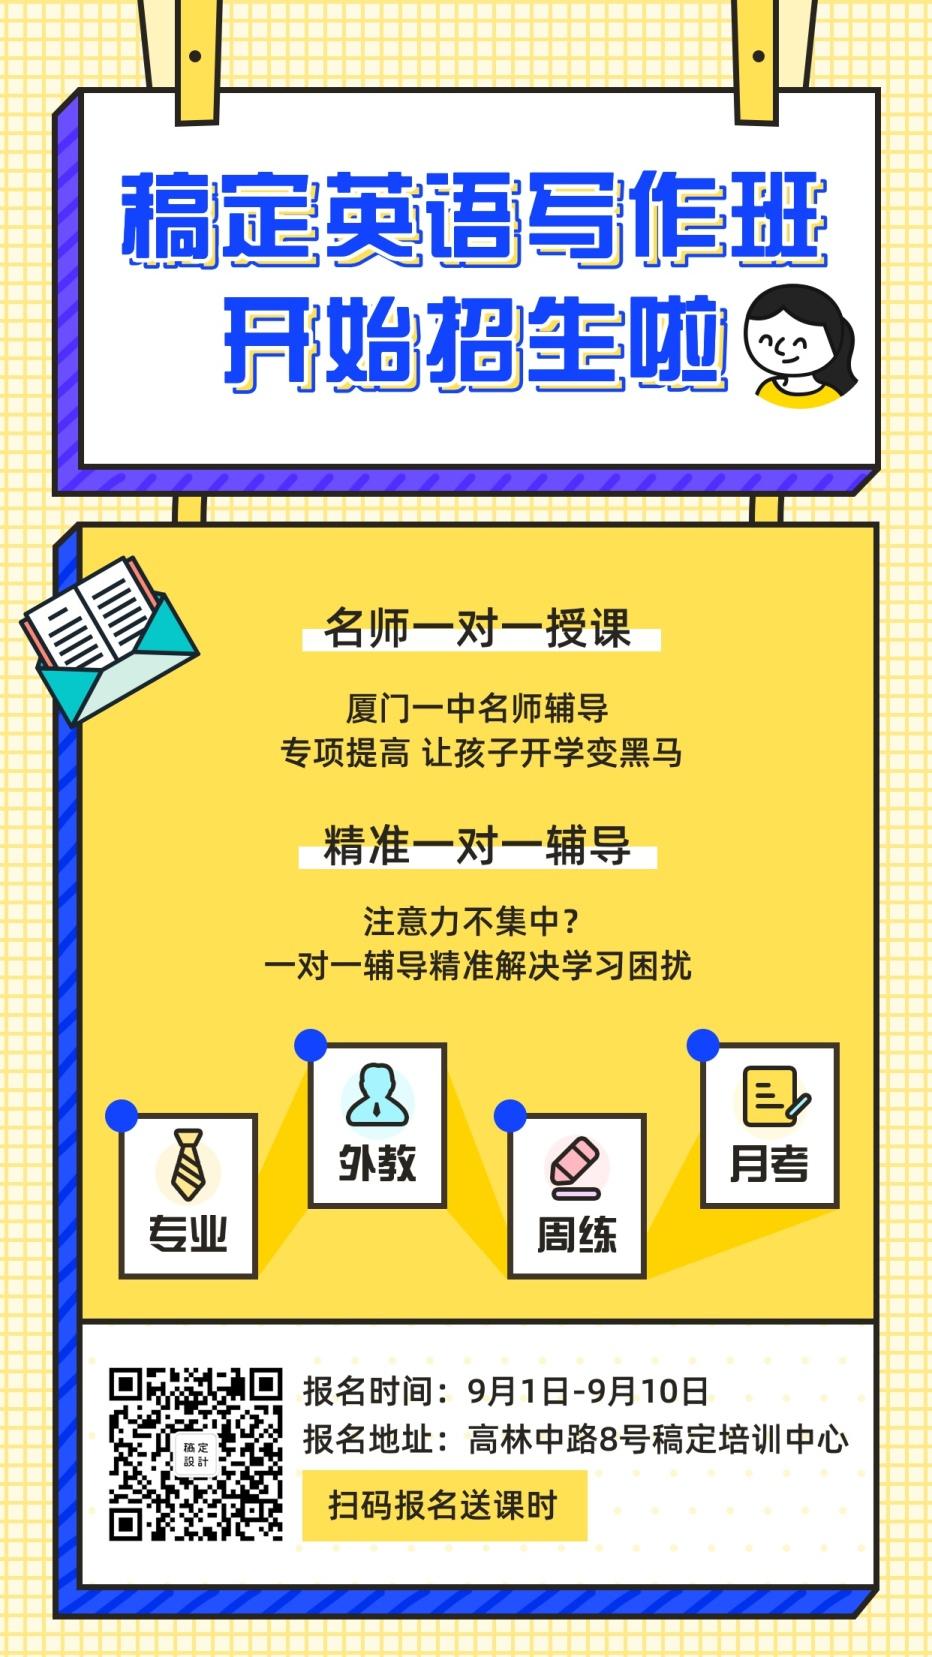 英语写作班教育培训简约排版手机海报